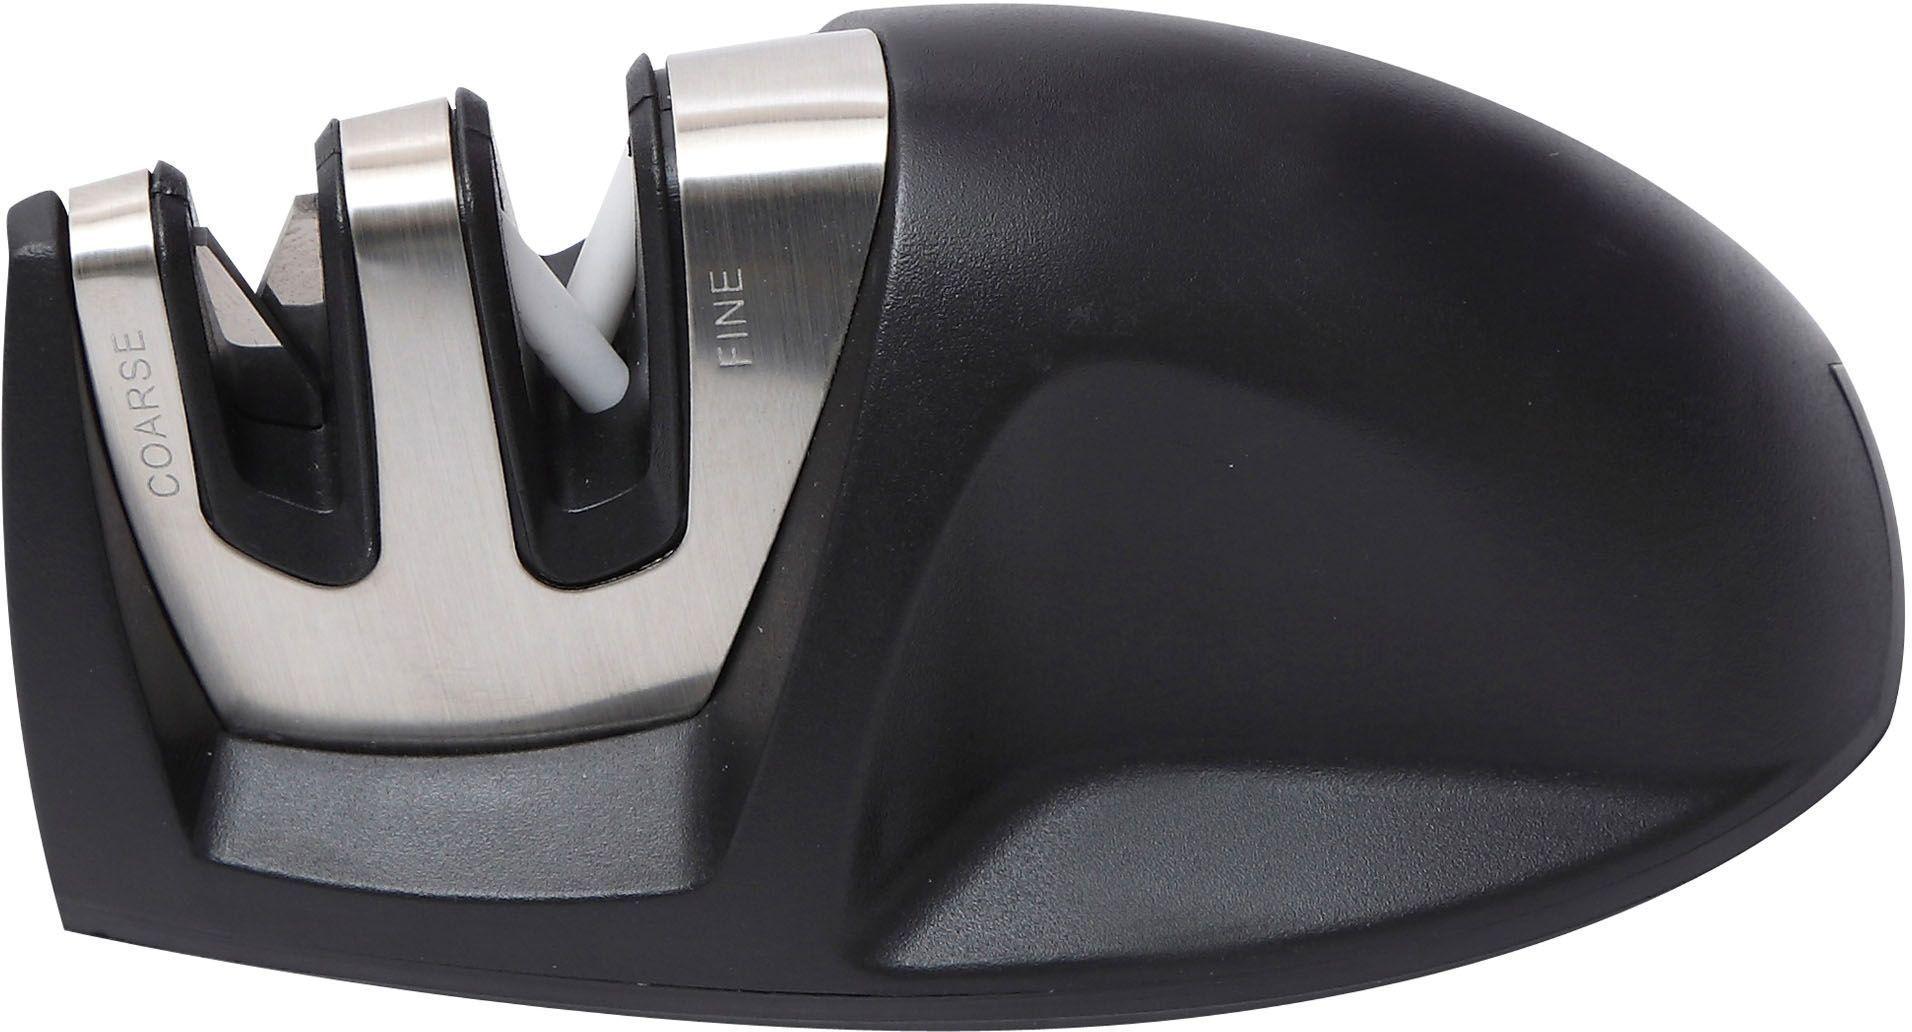 Ножеточка Bergner 3955 BG, настольнаяBNB954Настольная точилка для ножей Bergner BG-3955 всегда придет на выручку, если кухонные инструменты сильно затупятся. Точилка снабжена двумя отсеками: металлическая пластина – для грубой обработки, а белые керамические стержни – для тонкой доводки. Корпус из нержавеющей стали гарантируют отличную износоустойчивость. Прорезиненная нескользящая основа обеспечит хорошую фиксацию на столе. Эта компактная точилка отлично подходит для обработки всех типов ножей, кроме специфичных моделей с зубчатым лезвием.